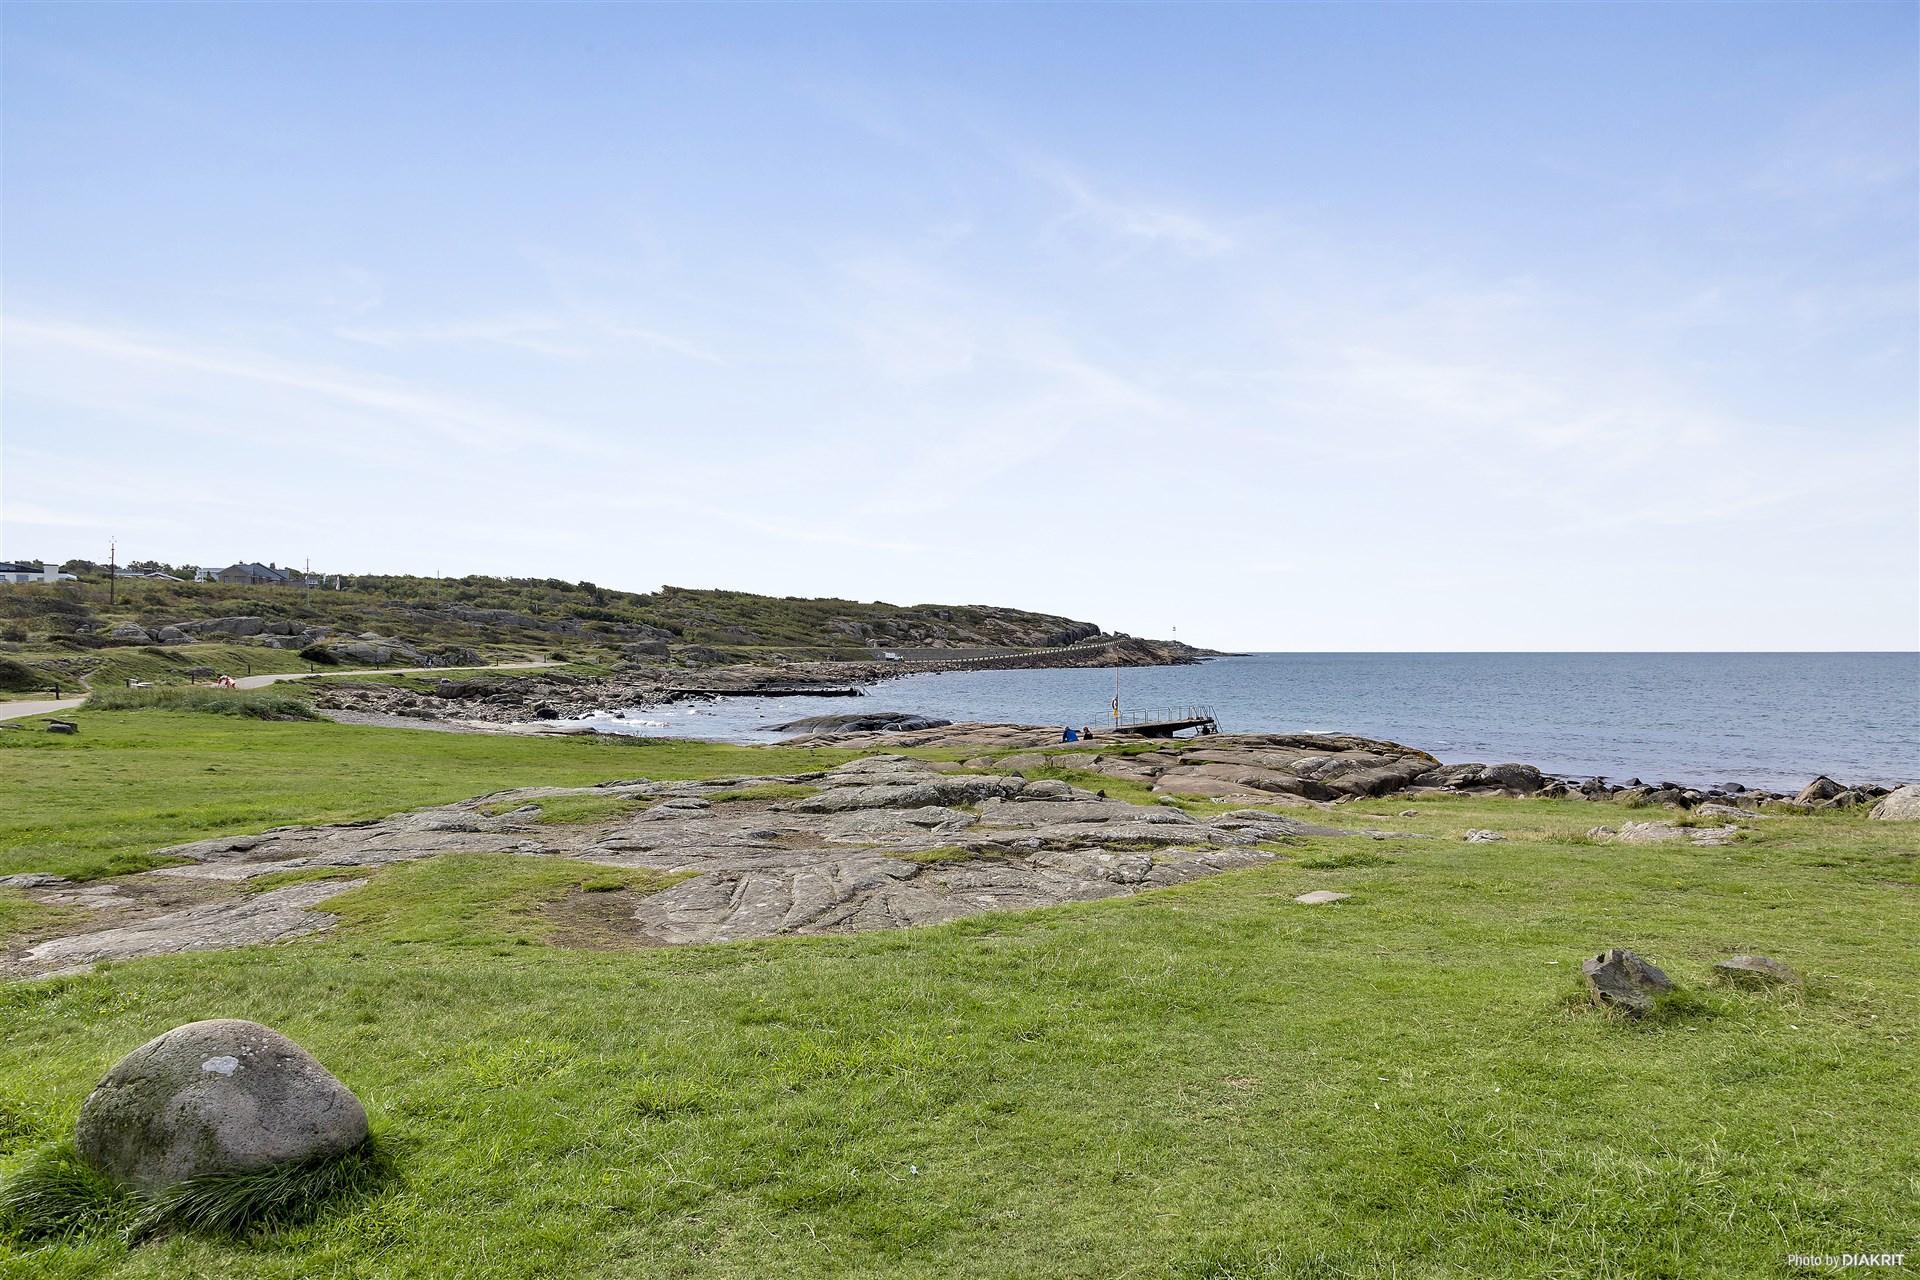 """Ett stenkast till """"Ankaret"""" och havet med sol, hav, salta bad och strandpromenaden."""